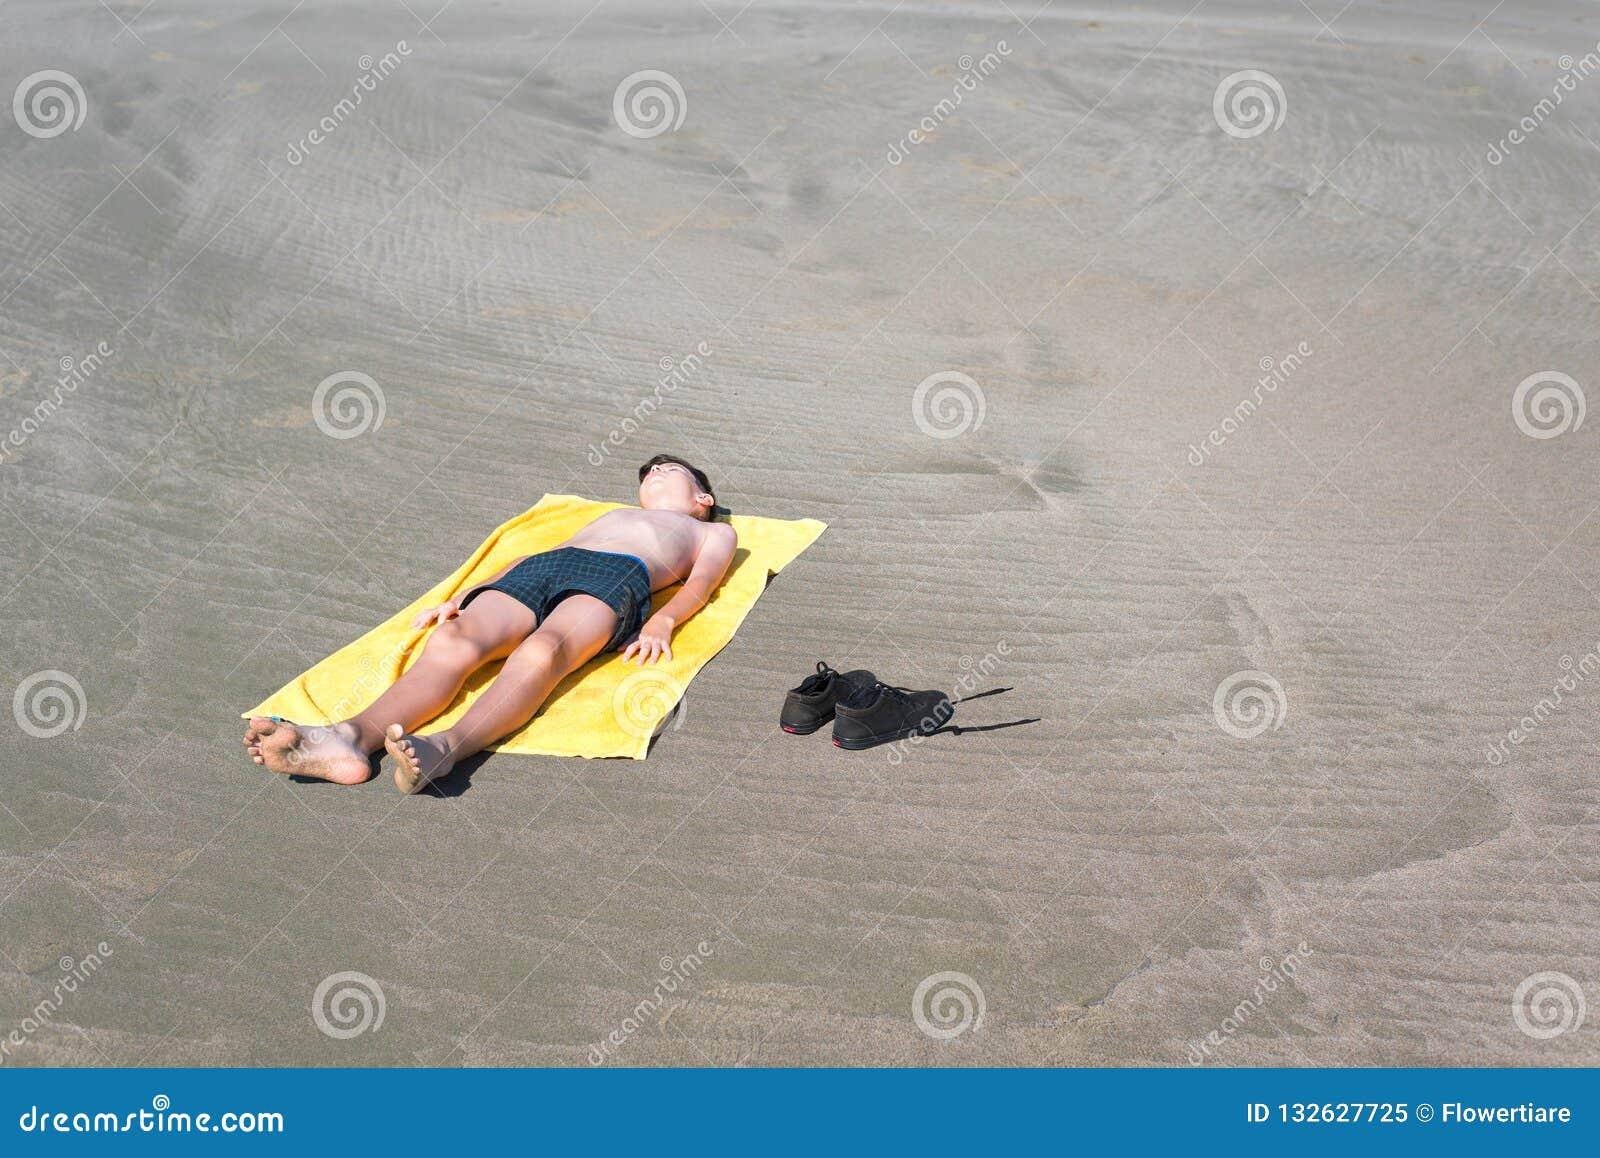 Το αγόρι εφήβων βρίσκεται στην κίτρινη πετσέτα και κάνει ηλιοθεραπεία στην παραλία Ταξίδι σε ένα αεροπλάνο με τα παιδιά